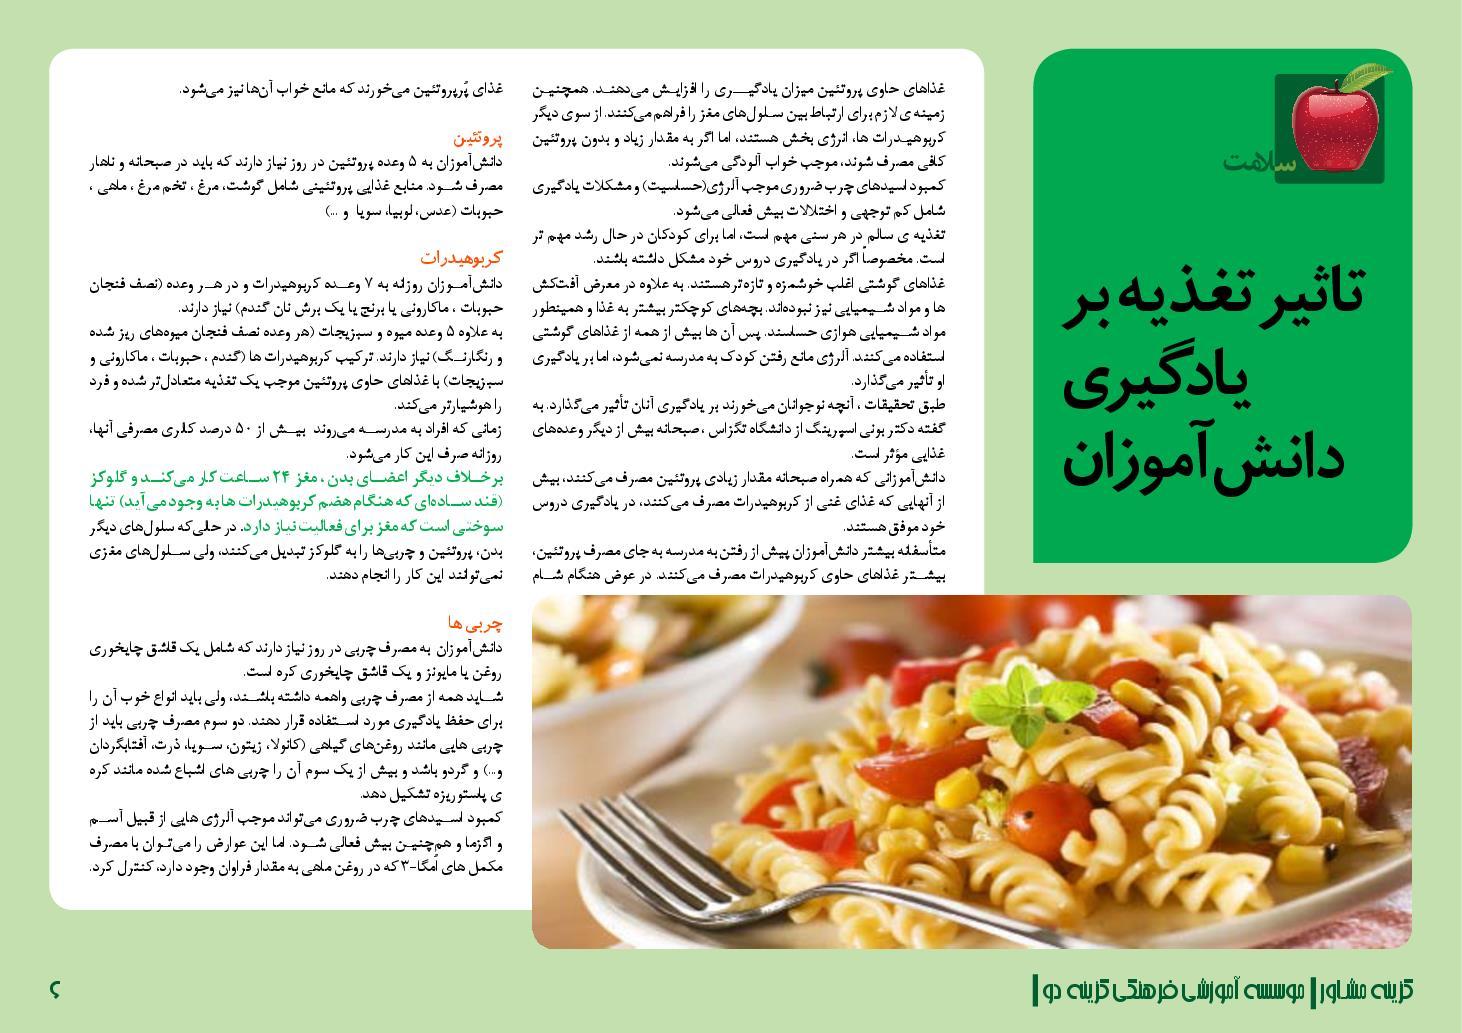 تاثیر تغذیه بر یادگیری دانش آموزان (PDF)